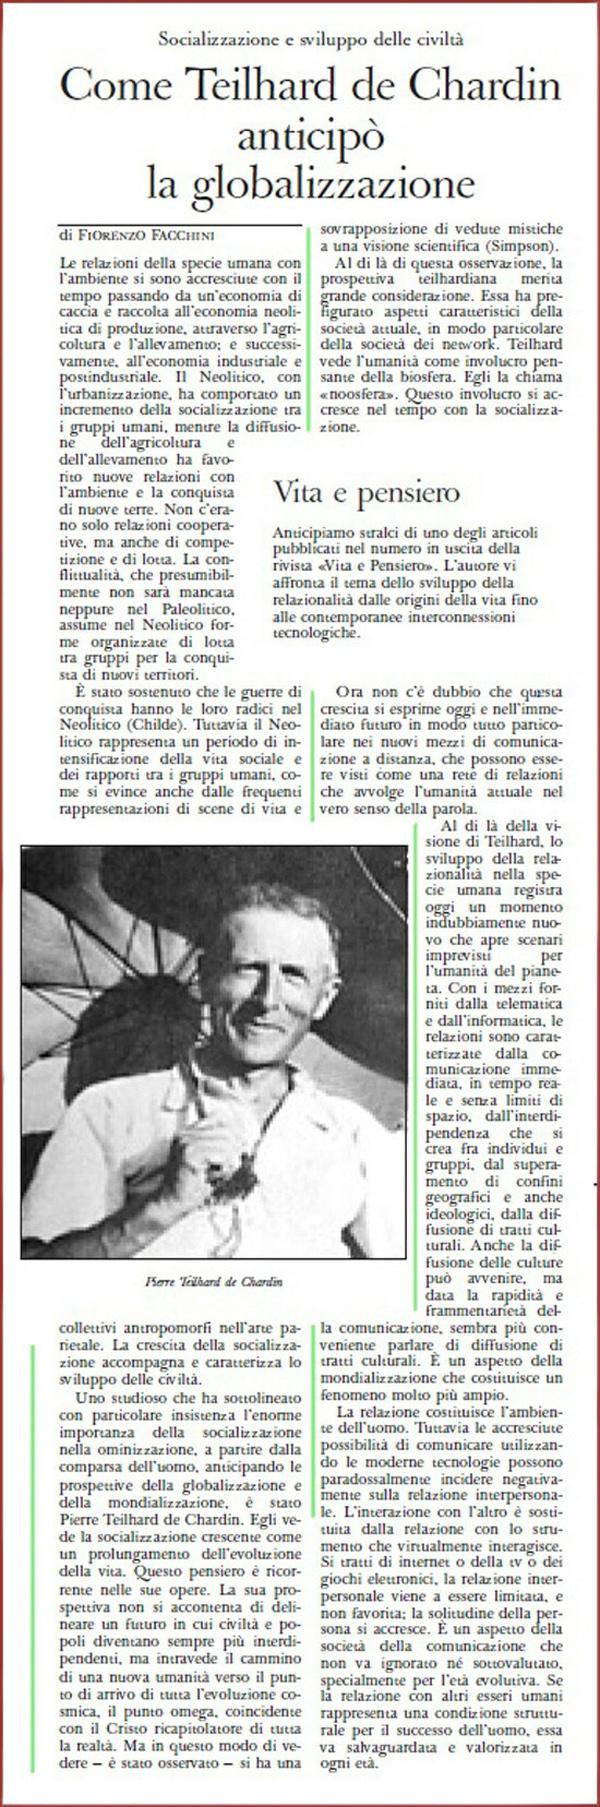 Teilhard de Chardin y Socialización